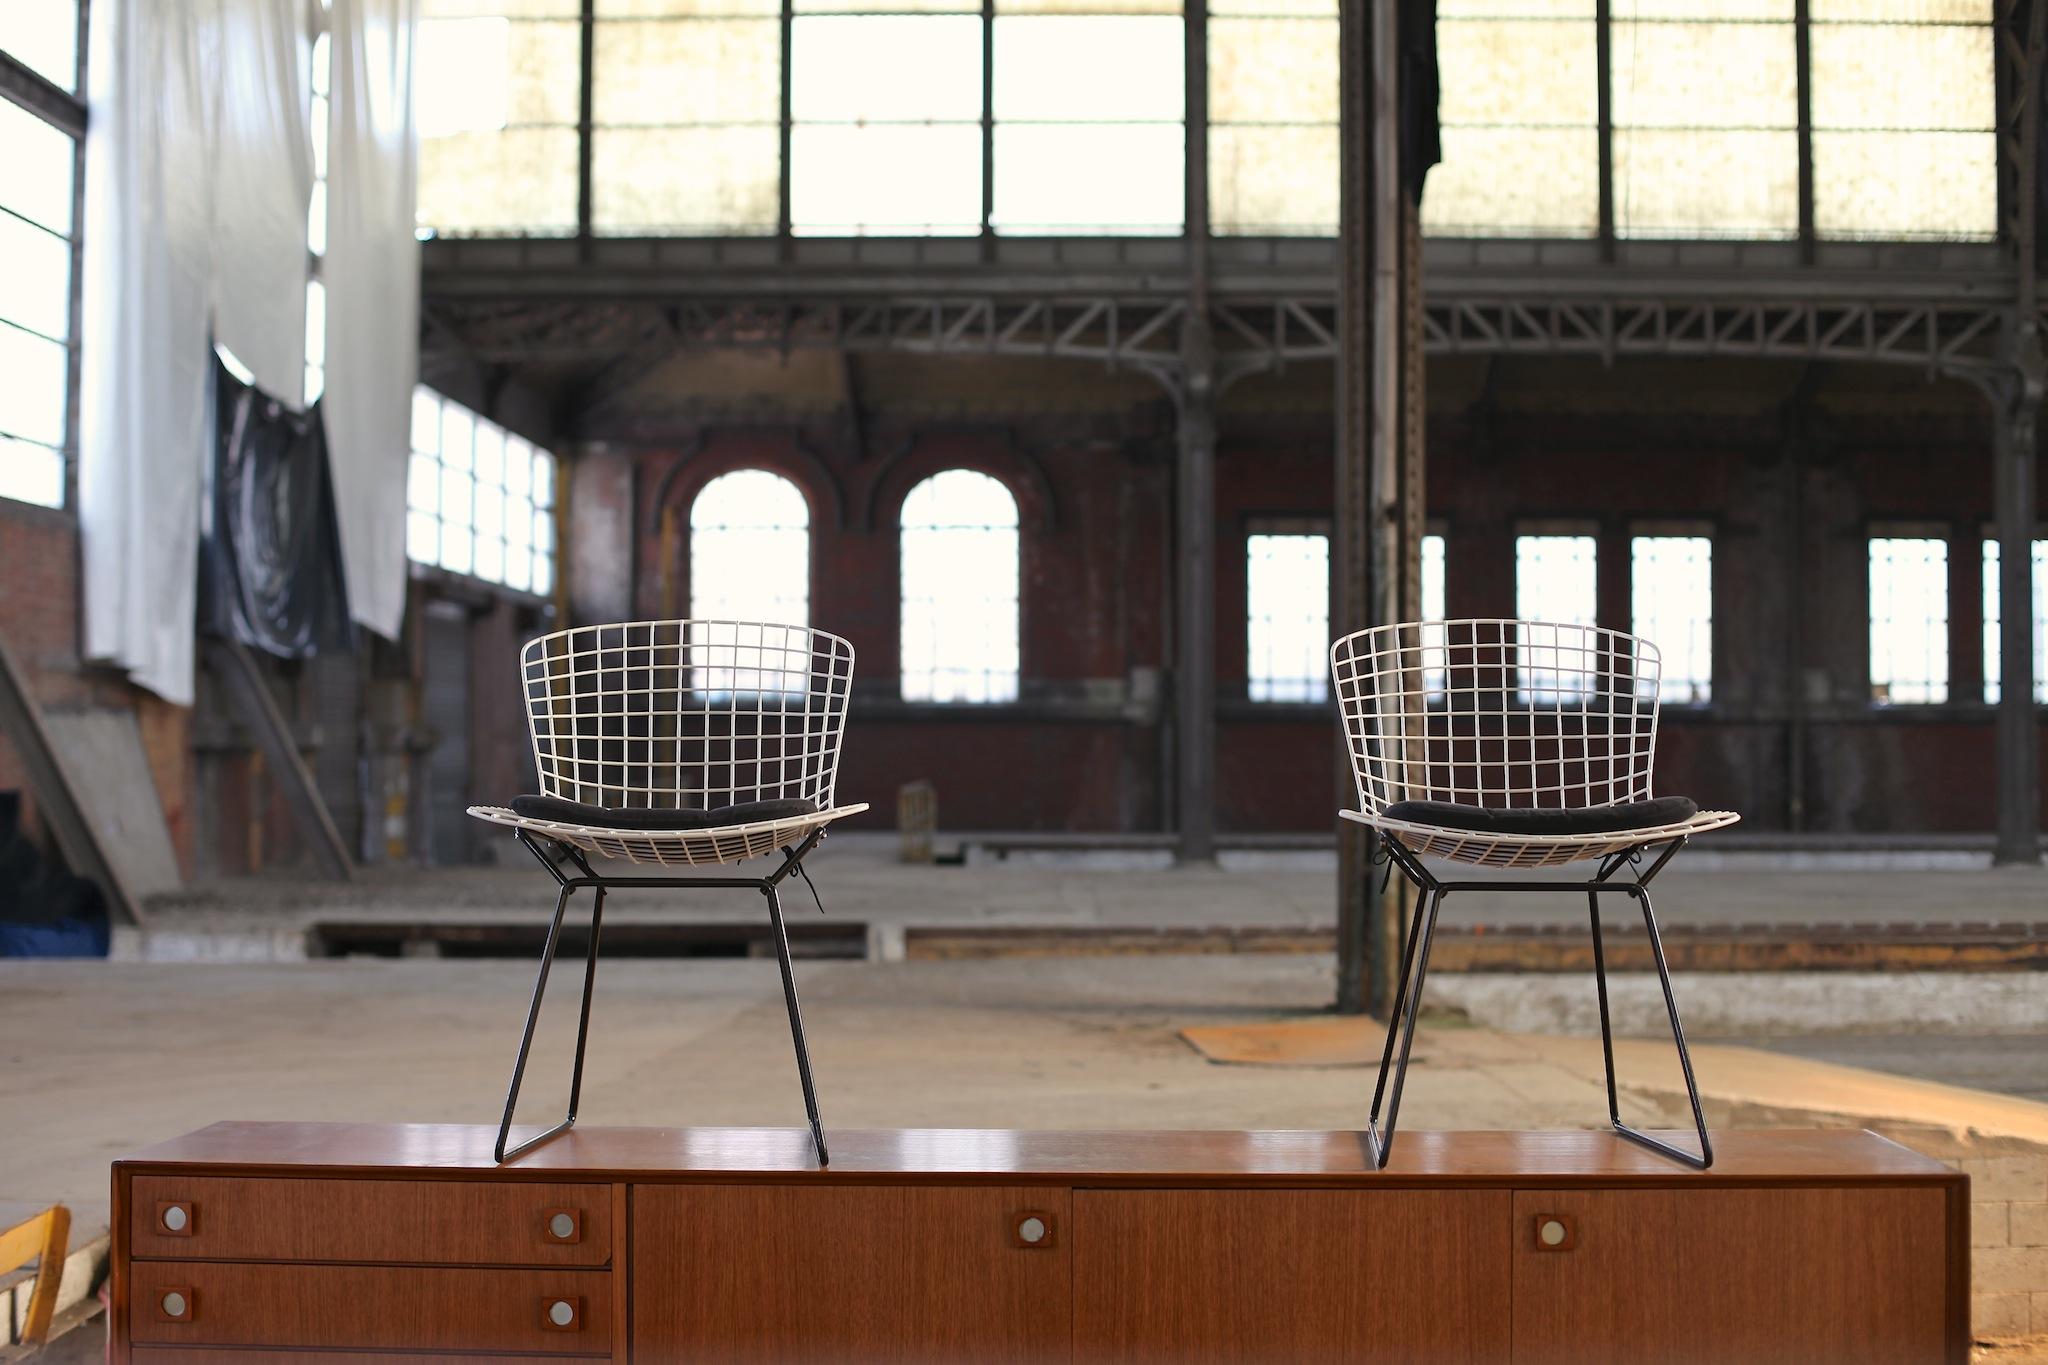 Meubles design vintage belgique for Meuble design belge